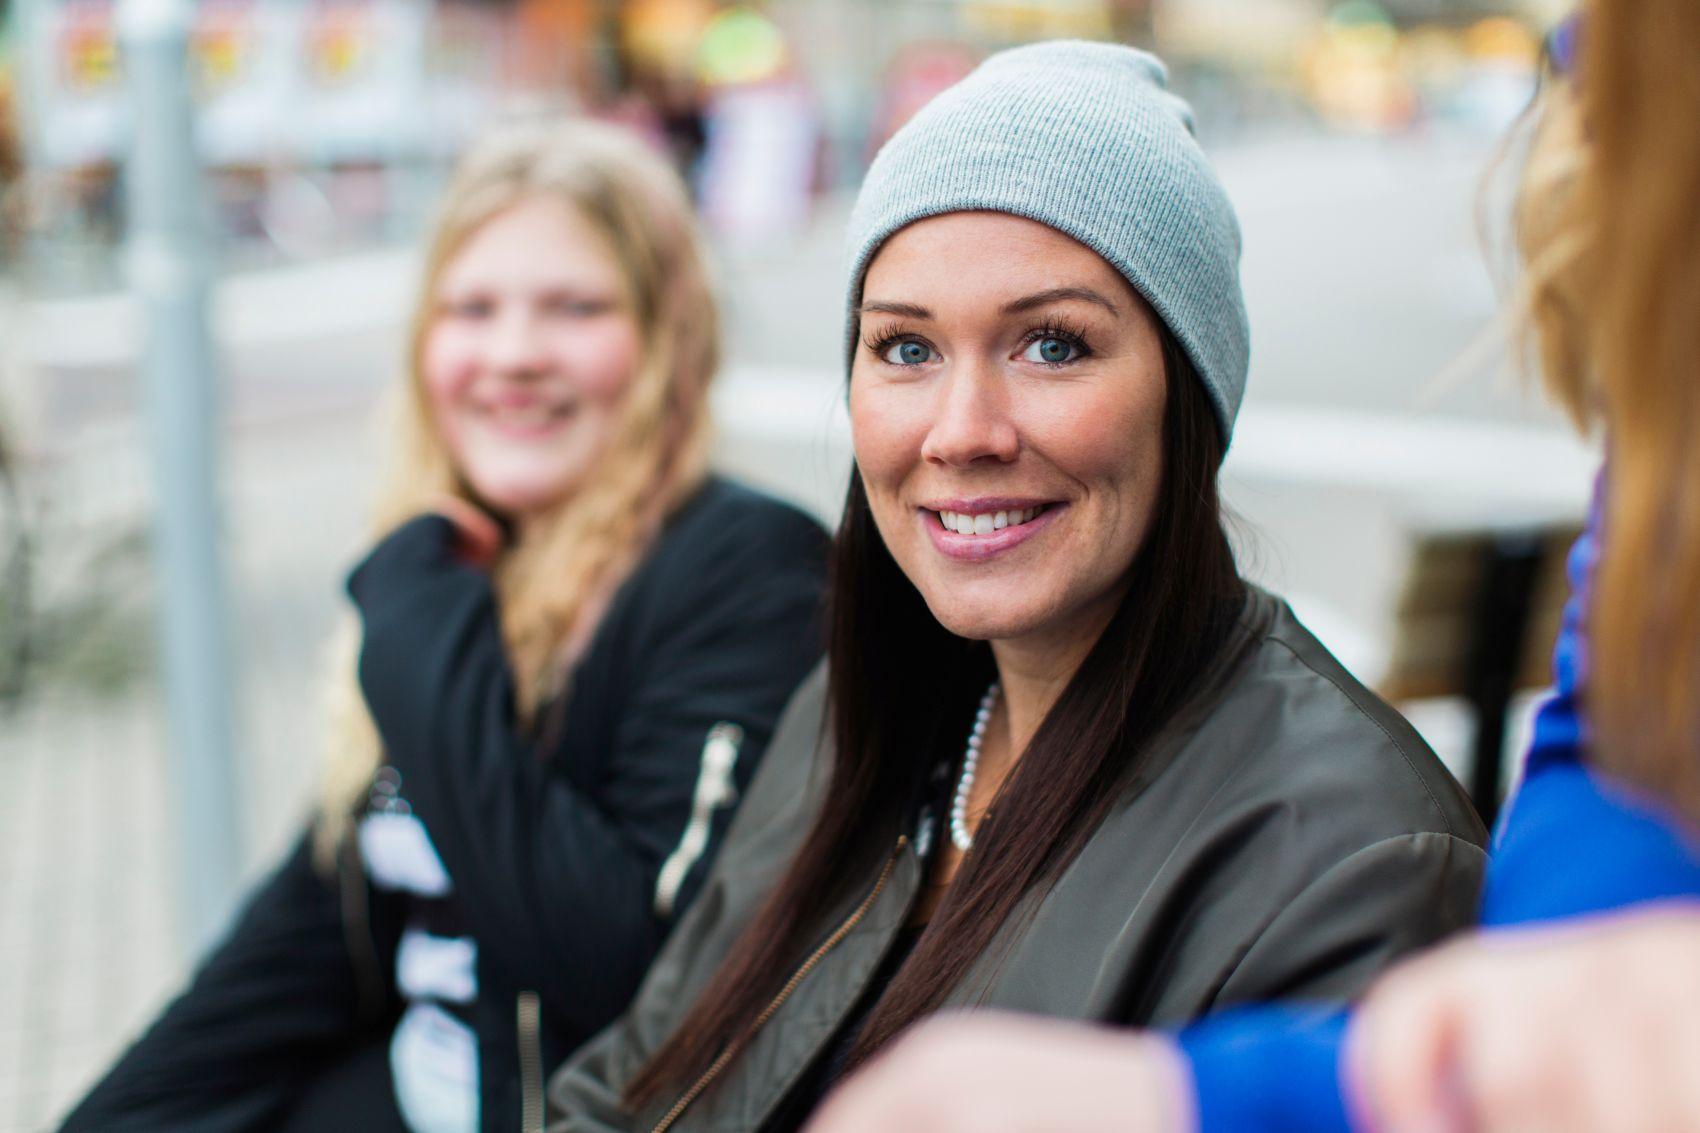 En smilende kvinne, i bakgrunn sitter en tenåringsjente